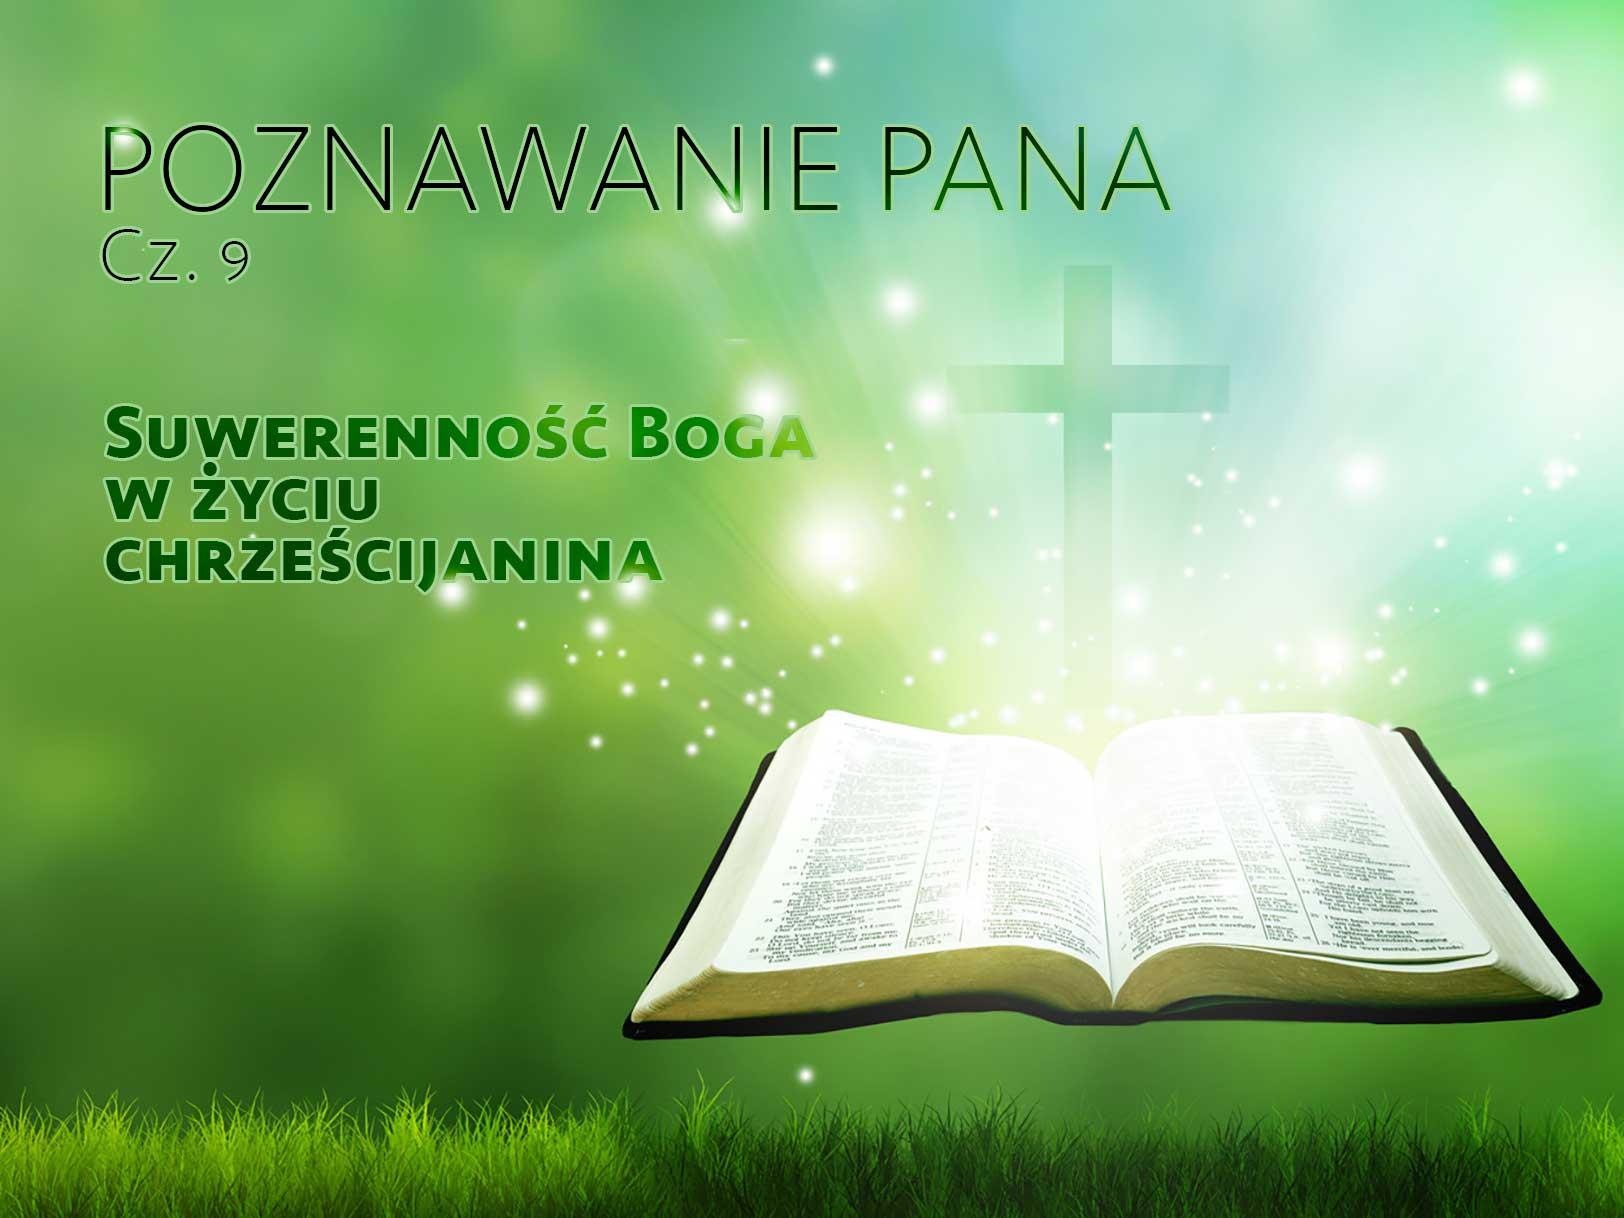 POZNAWANIE PANA cz.9